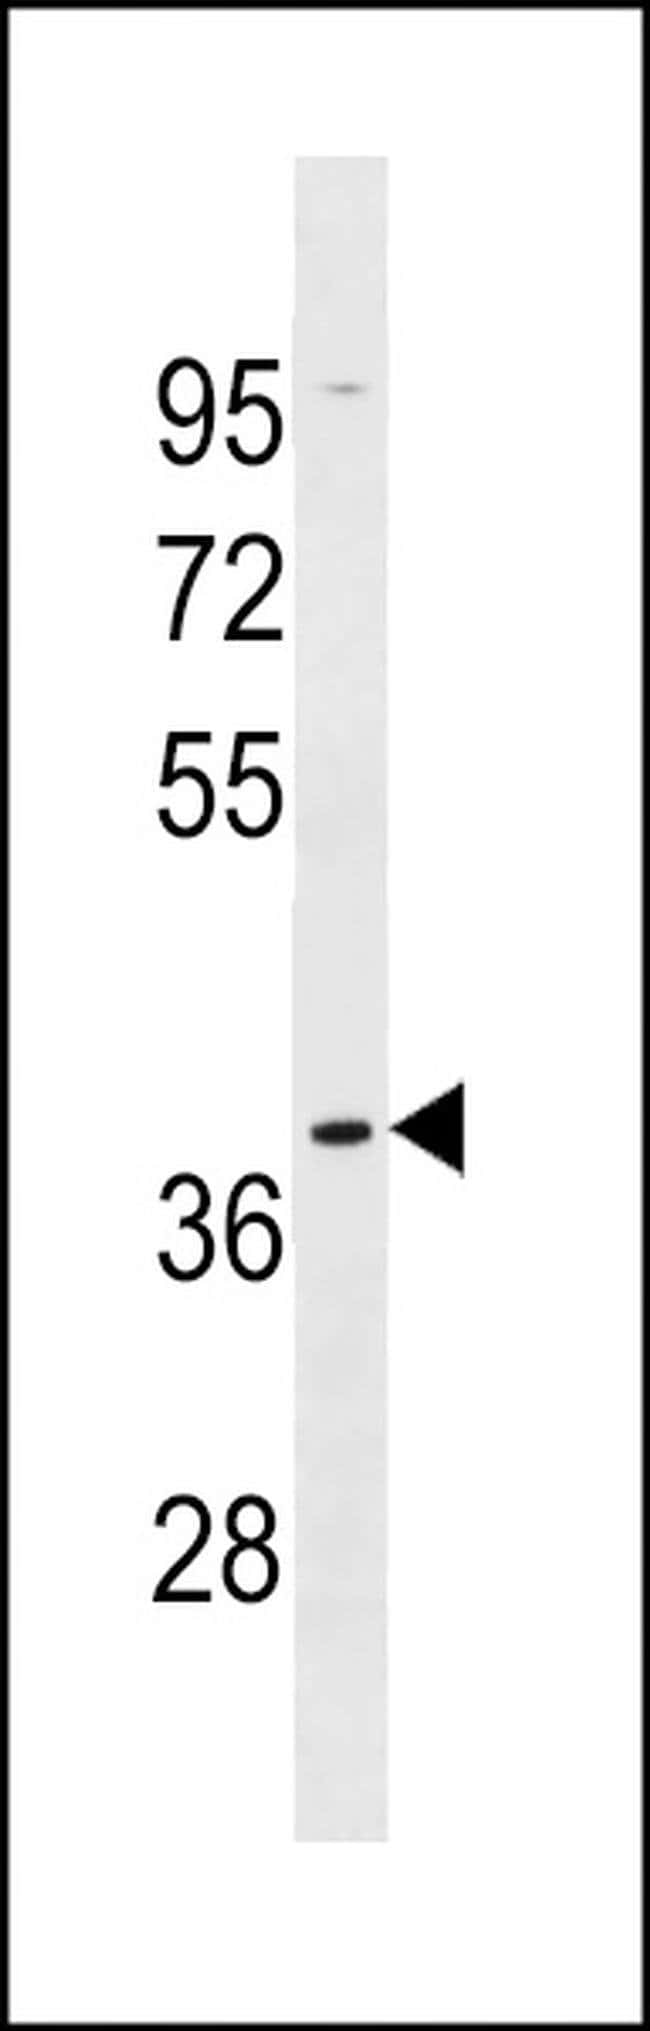 OR5AK2 Rabbit anti-Human, Polyclonal, Invitrogen 400 µL; Unconjugated